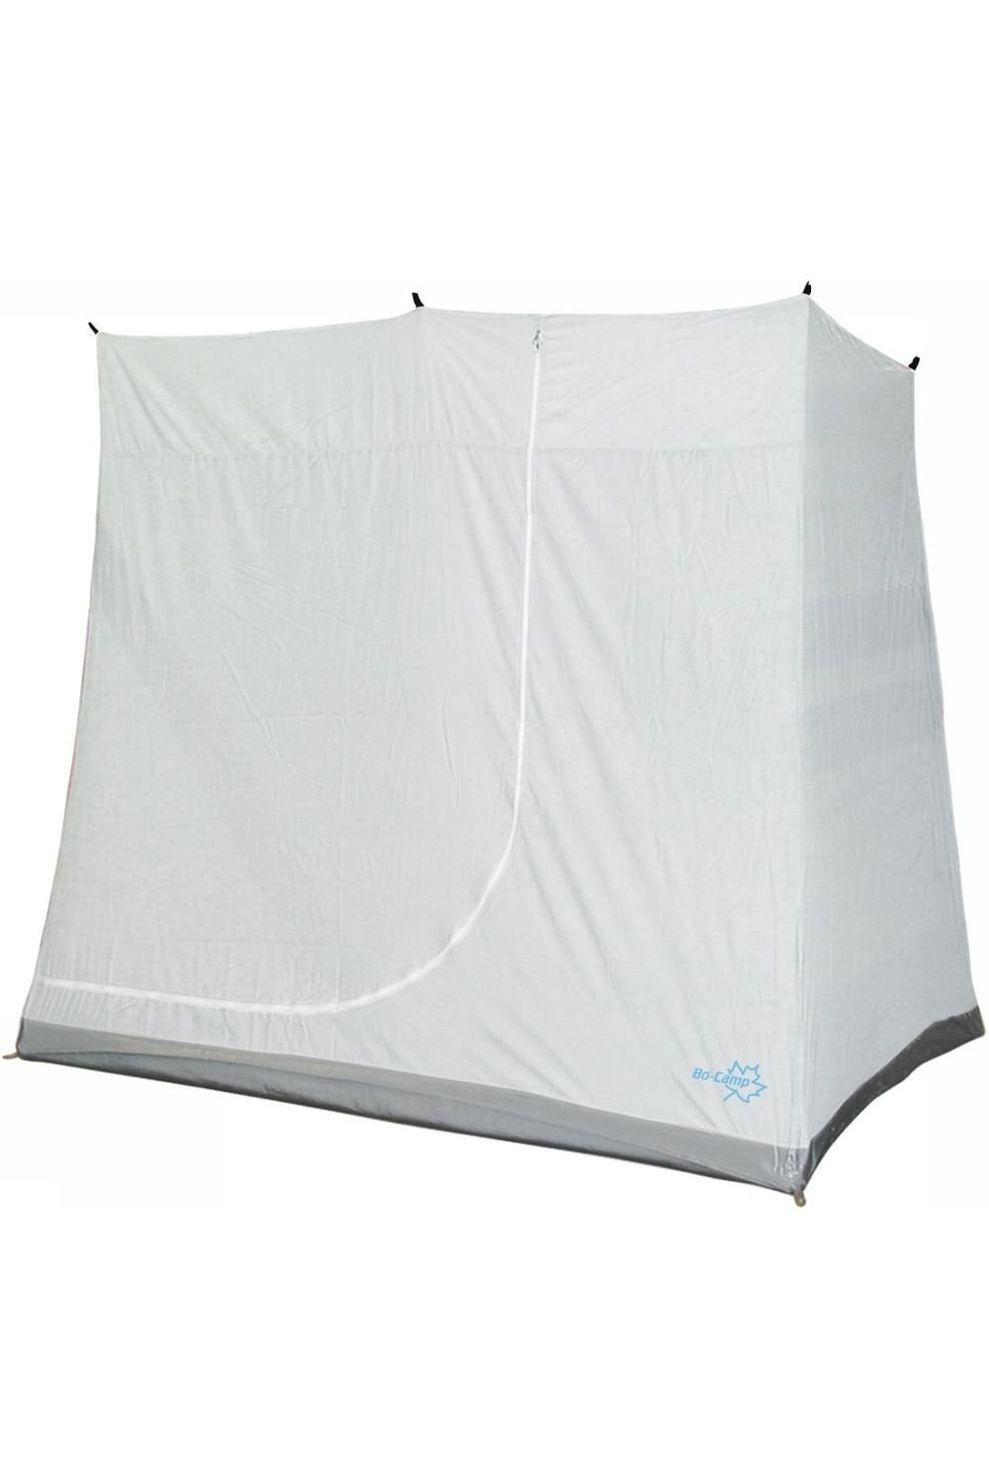 Bo-Camp Voortent Binnentent Voortent 2X1,8X1,75 Meter - Wit